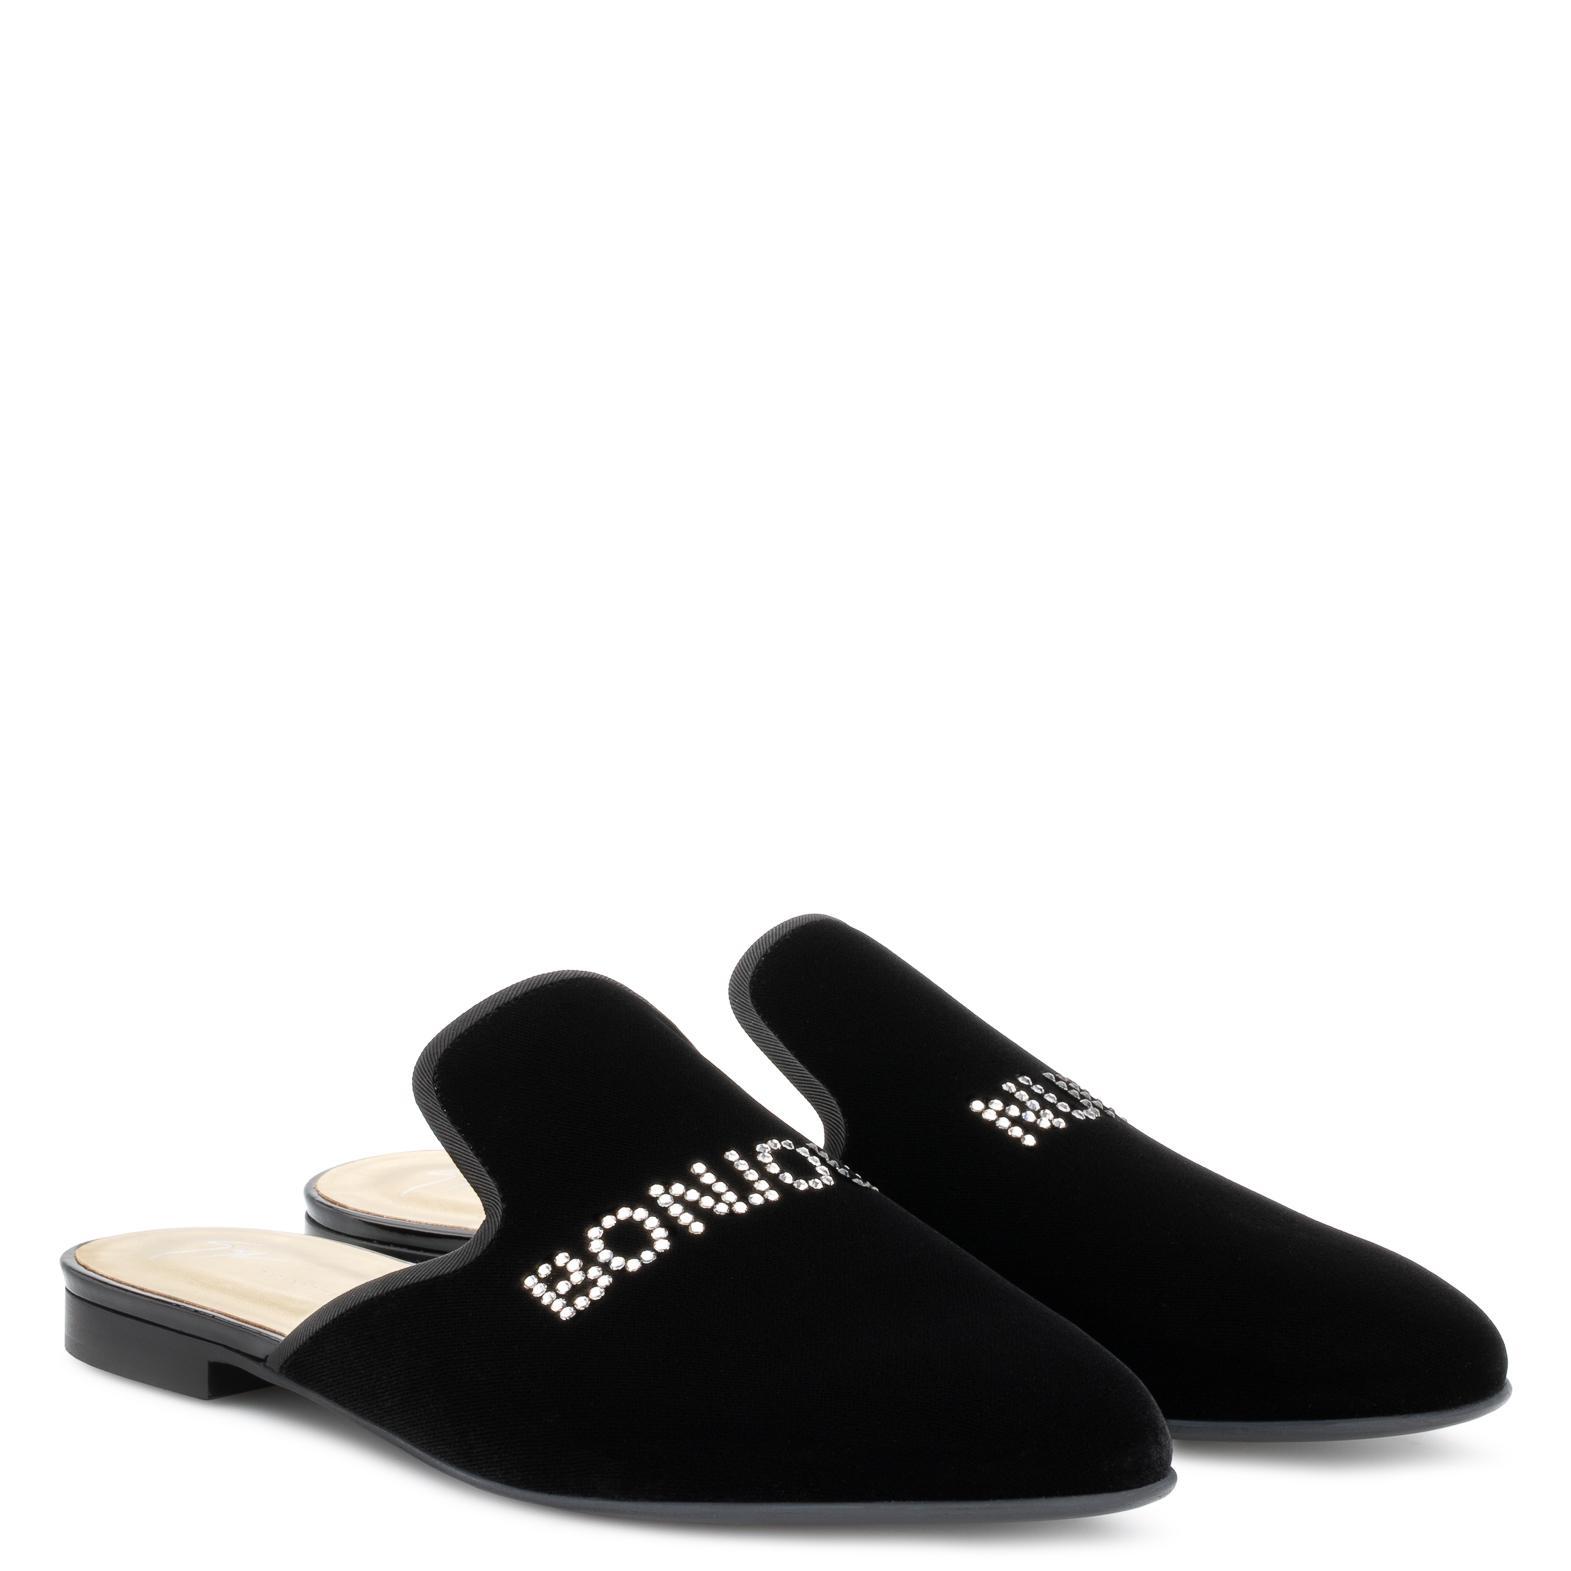 Giuseppe Zanotti Velvet flat slipper with 'Bonjour Nuit' motif BONJOUR NUIT 5RPjV7